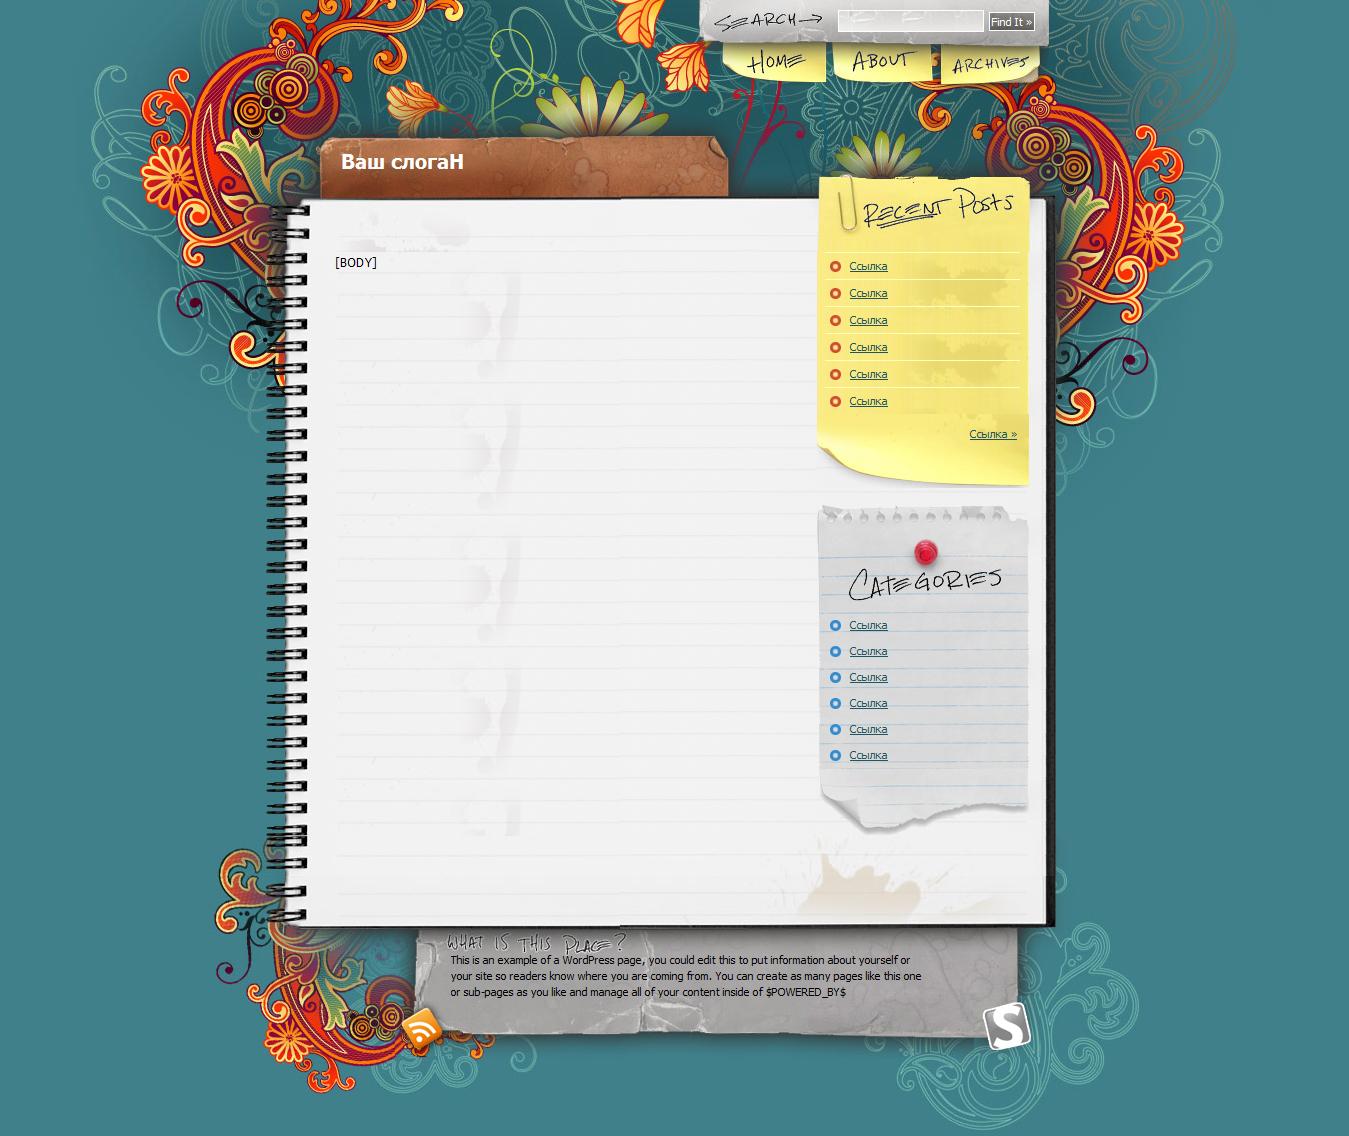 Как в html сделать красивое меню